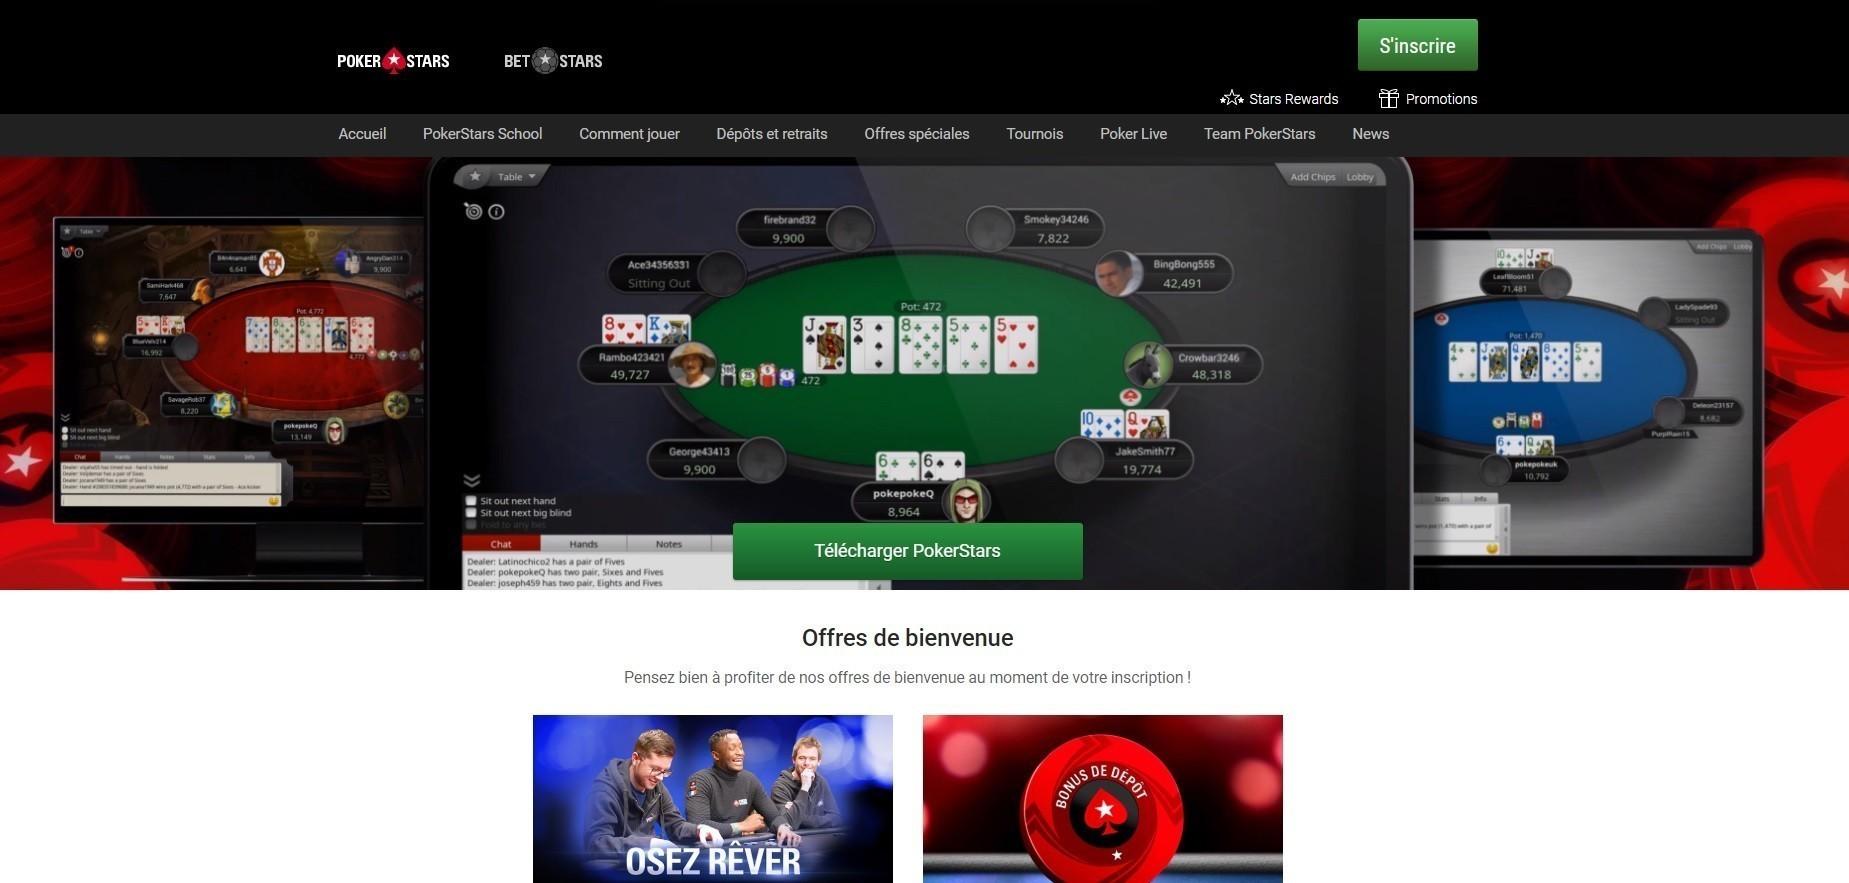 Betstars Poker